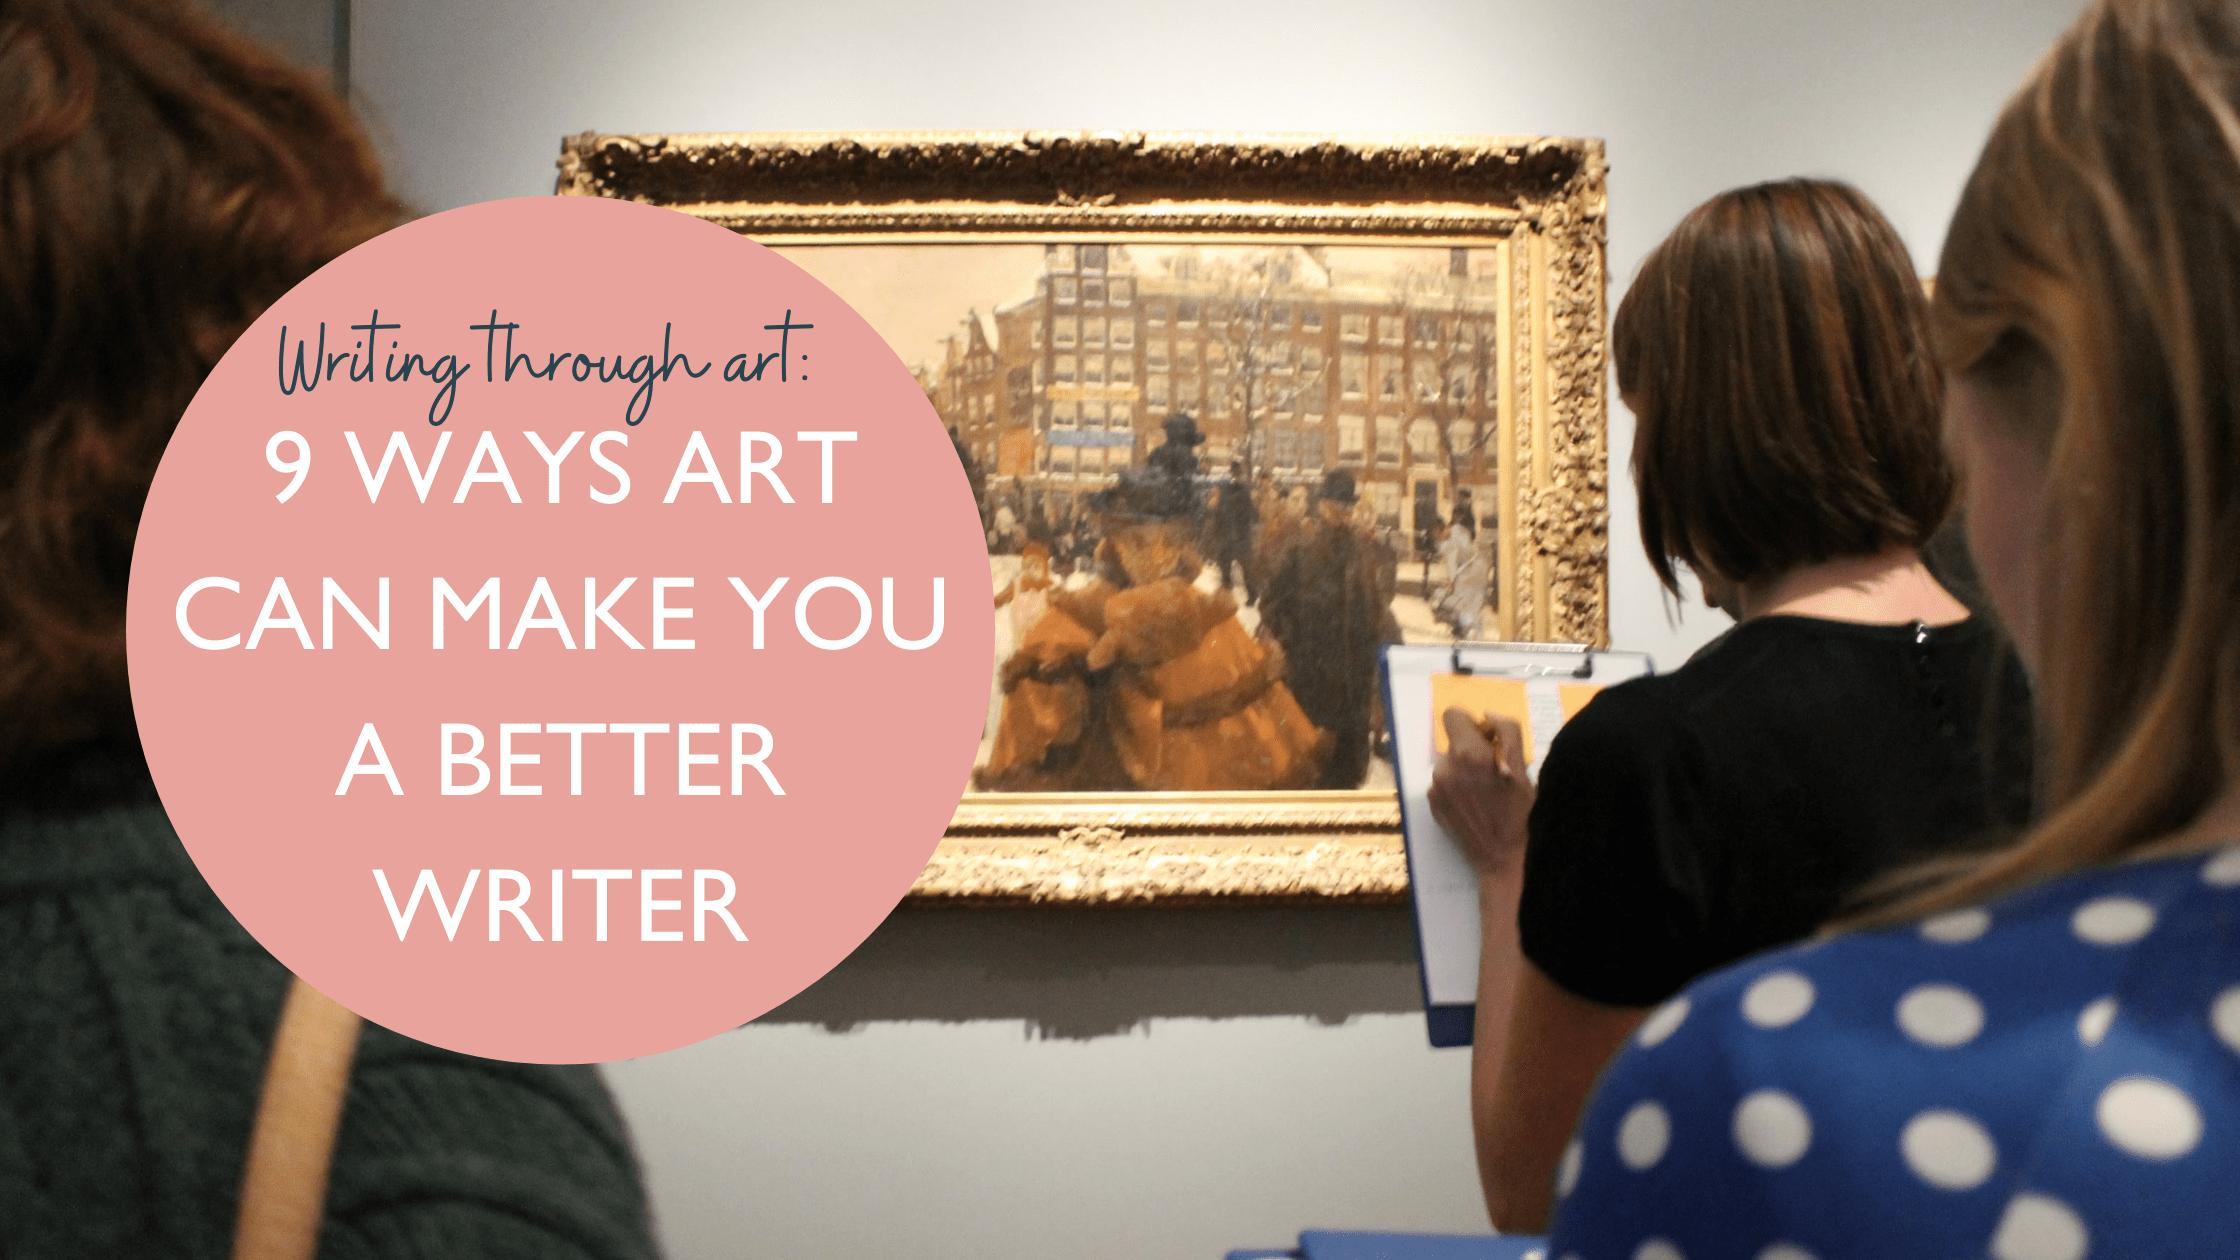 Writing through art: 9 ways art can make you a better writer